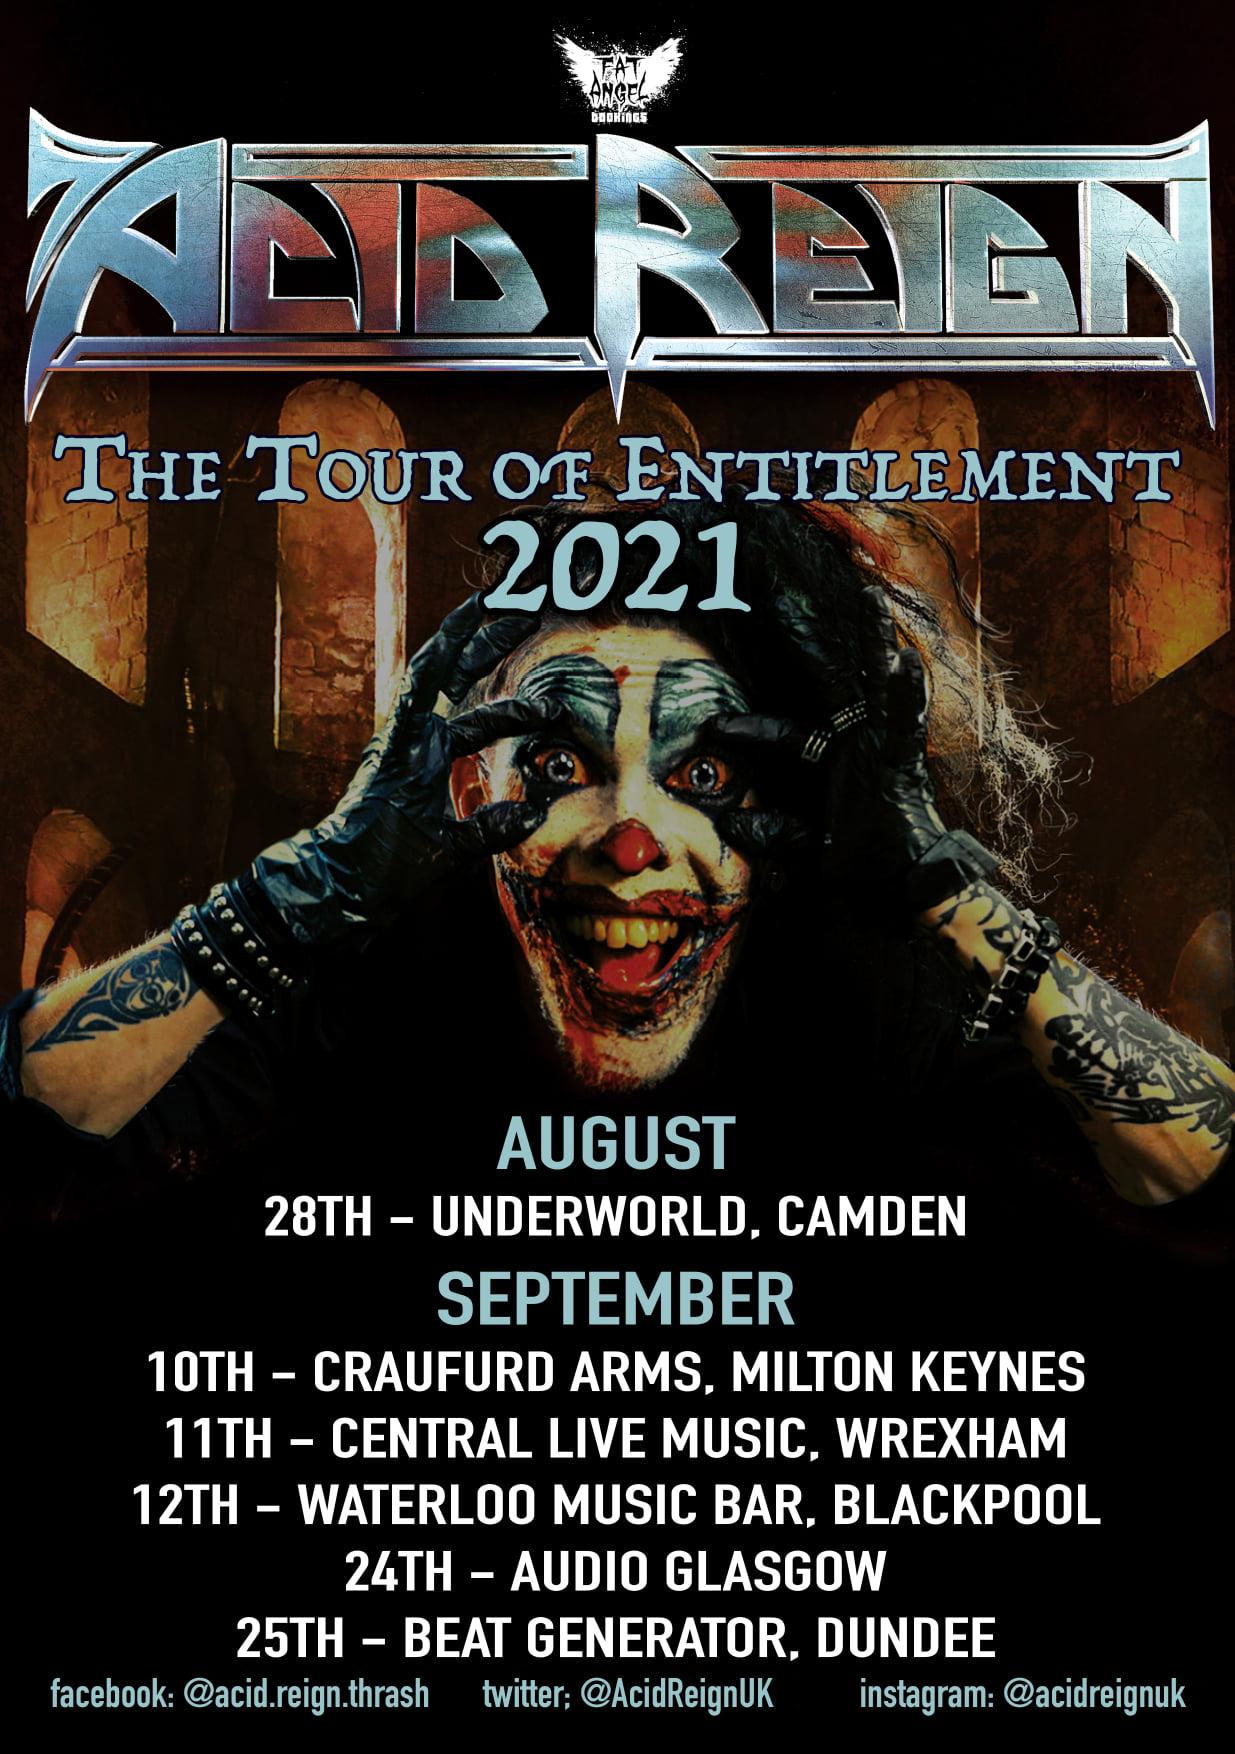 Acid Reign - The Tour Of Entitlement 2021